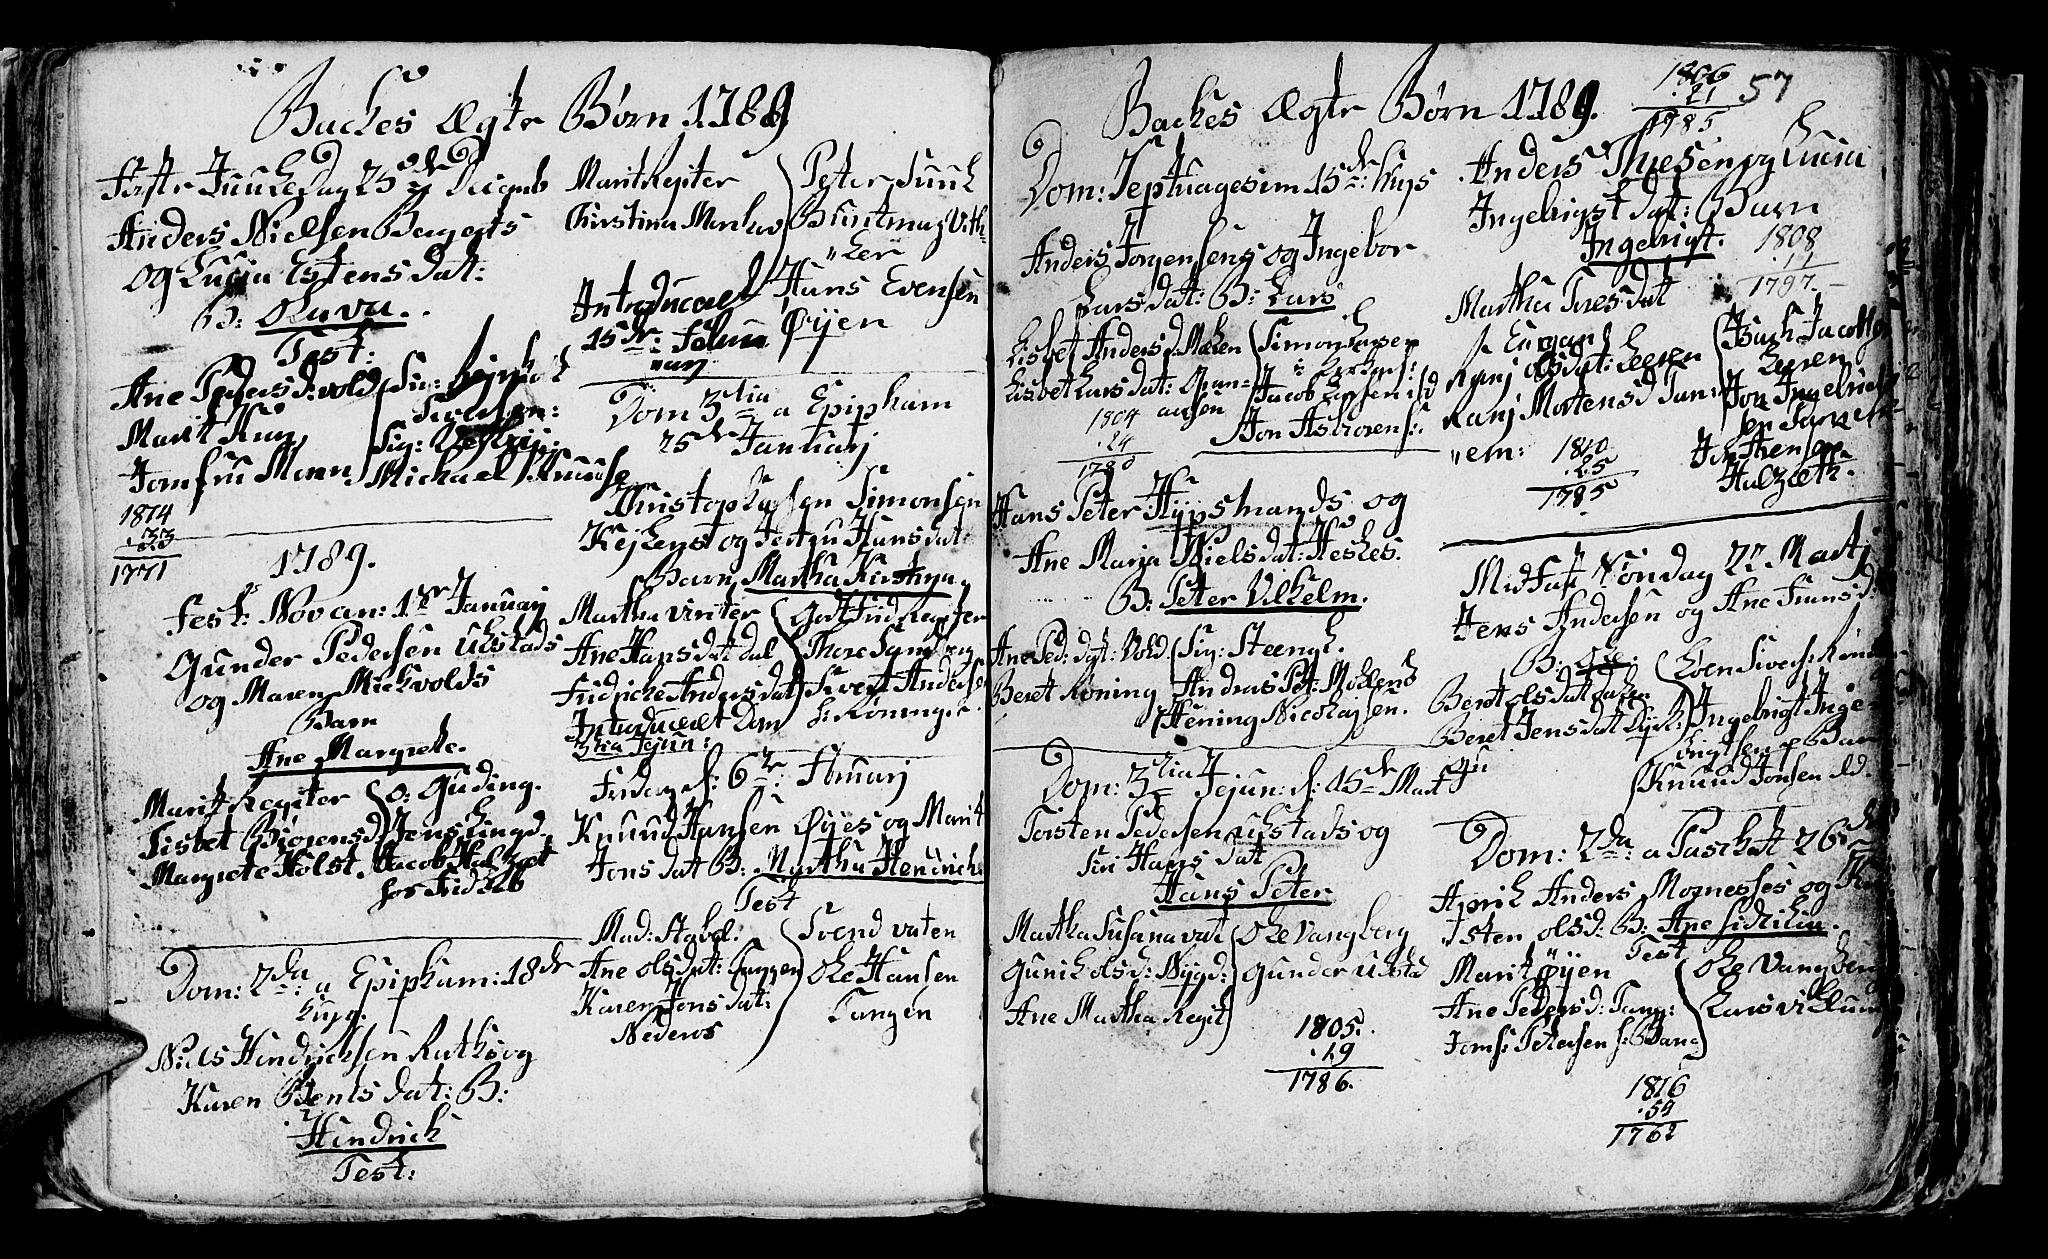 SAT, Ministerialprotokoller, klokkerbøker og fødselsregistre - Sør-Trøndelag, 604/L0218: Klokkerbok nr. 604C01, 1754-1819, s. 57